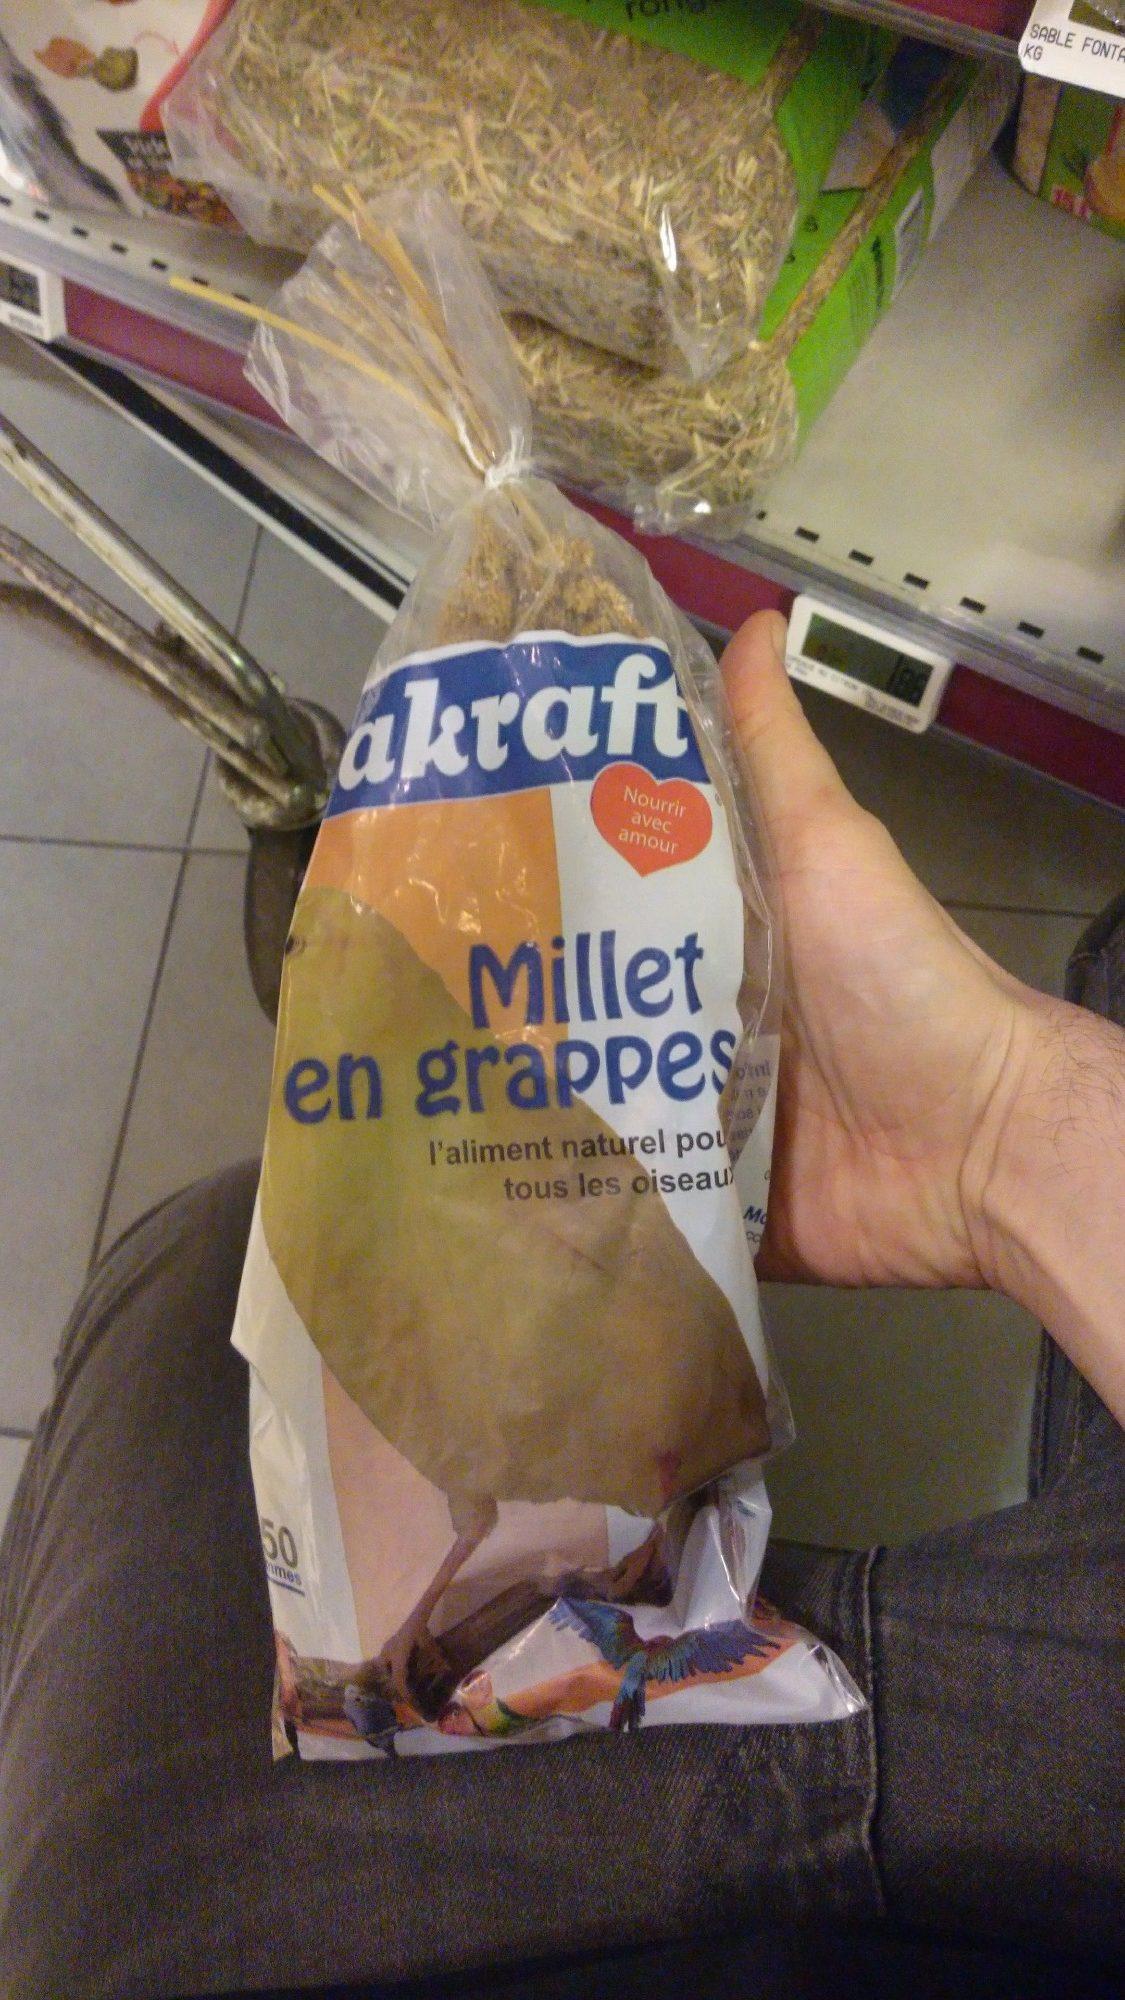 Millet en grappes - Product - en